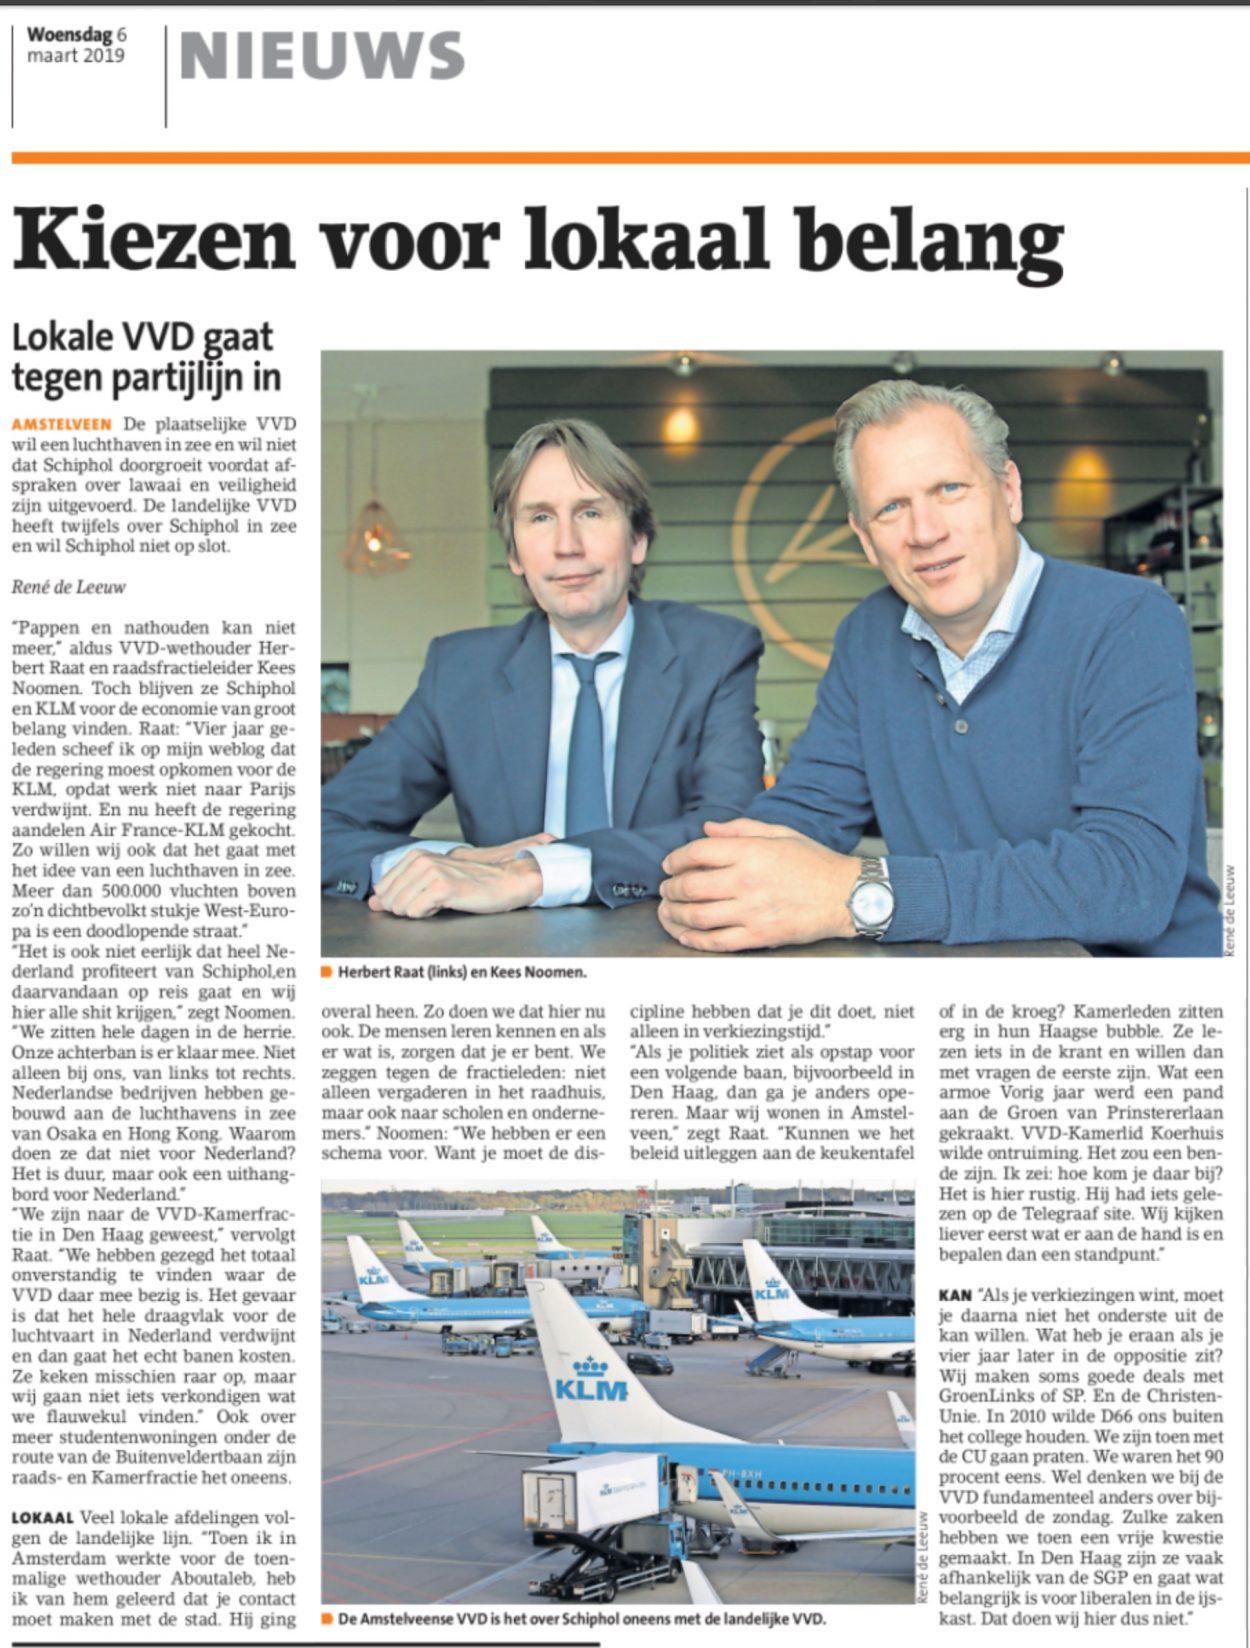 2019-6-3: Amsteveens Nieuwsblad: interview Herbert Raat en Kees Noomen over de VVD Amstelveen